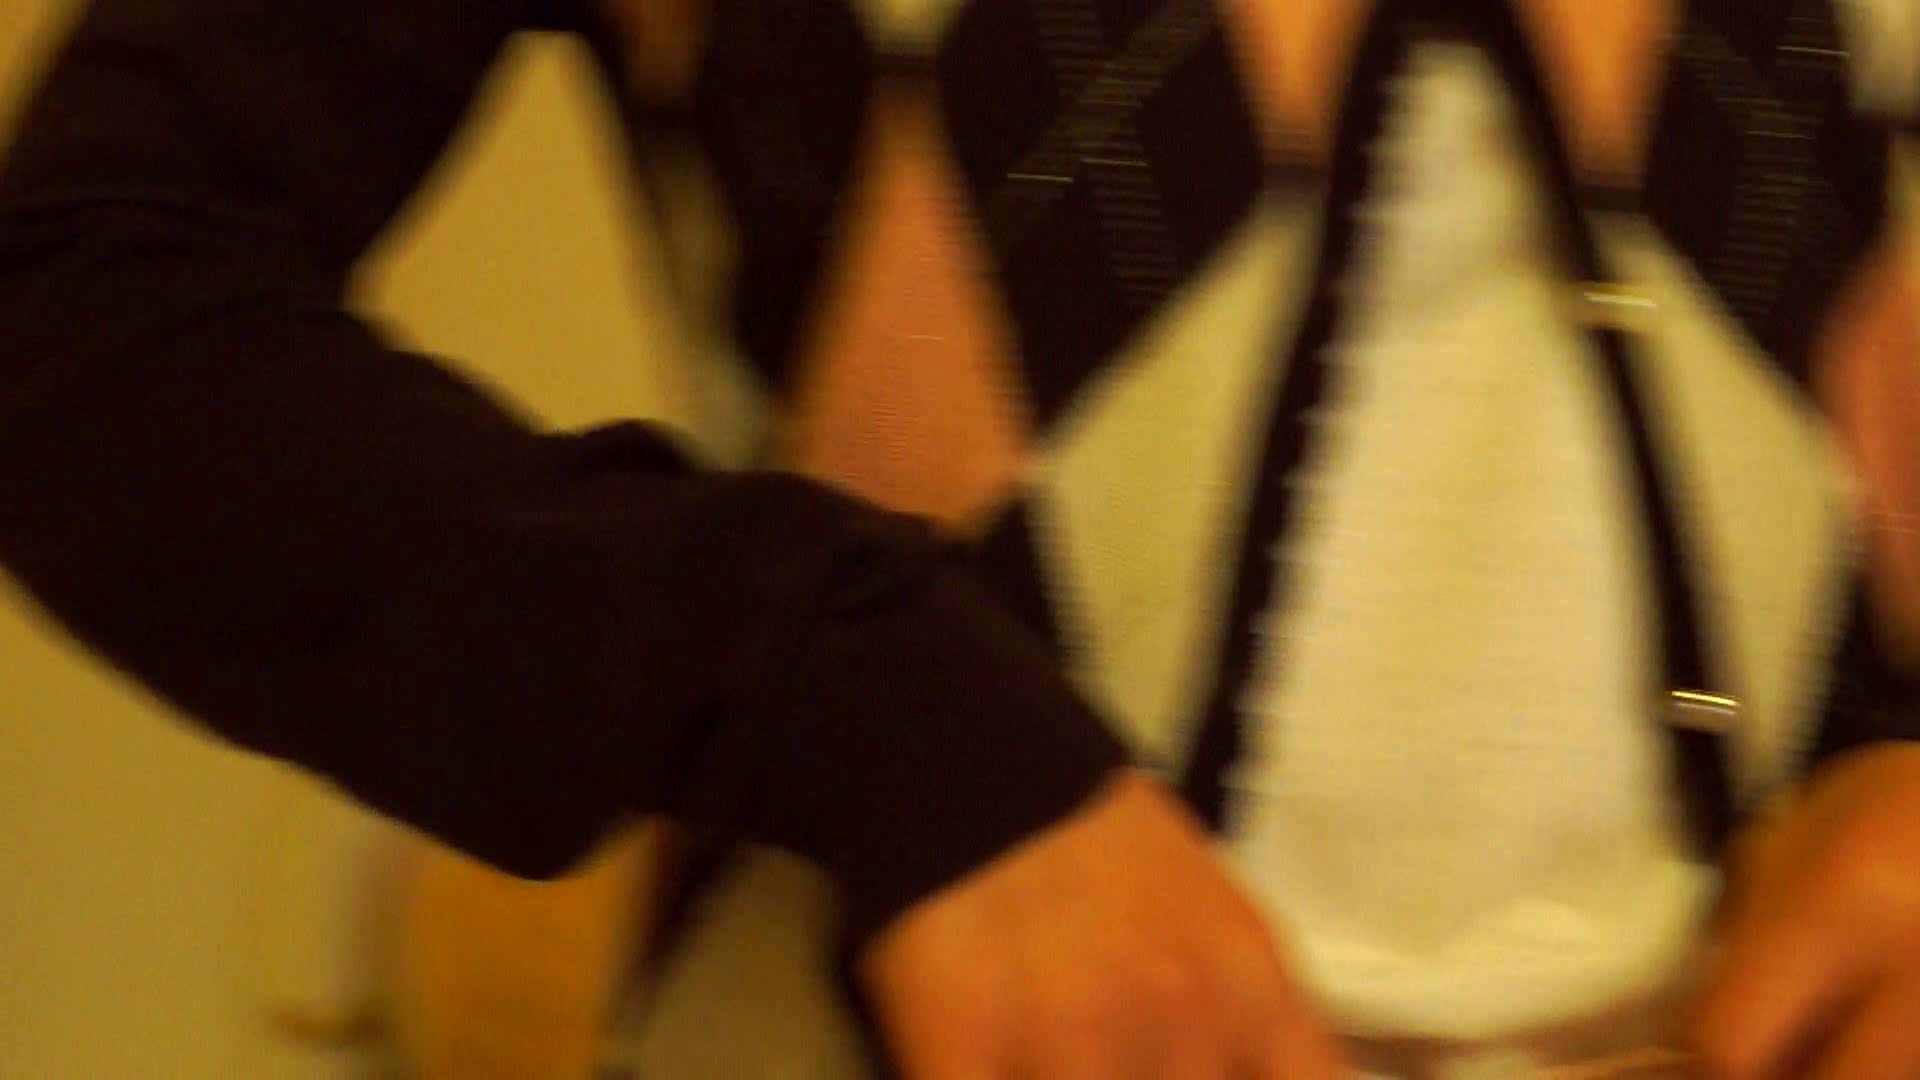 vol.11 瑞希ちゃんのパンチラサービス チラ歓迎 アダルト動画キャプチャ 101pic 83